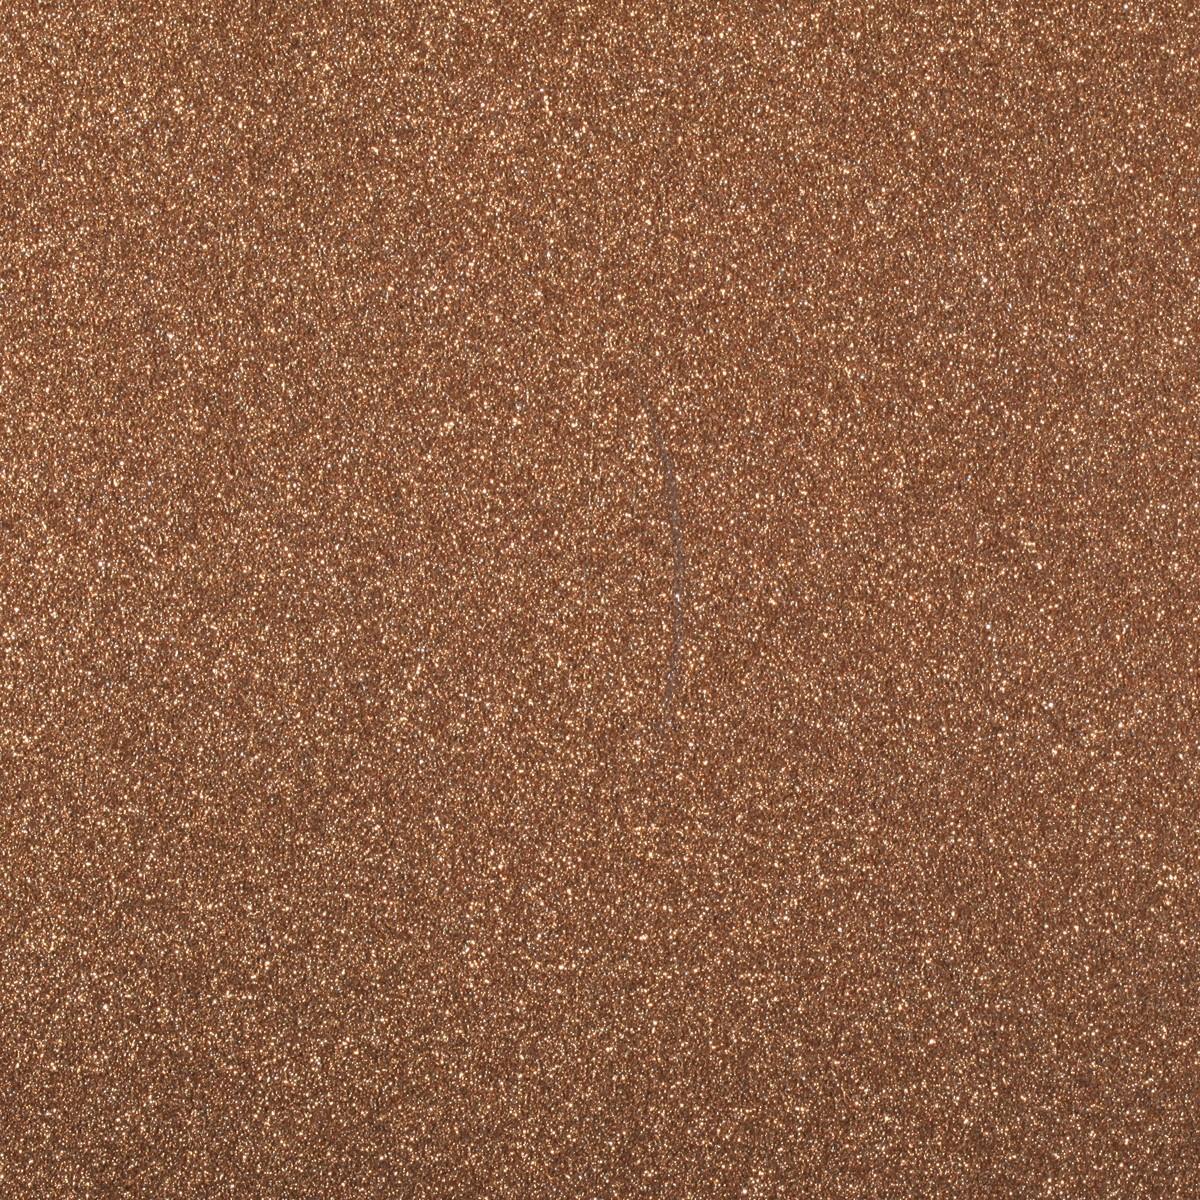 MirriSparkle Desert Sand